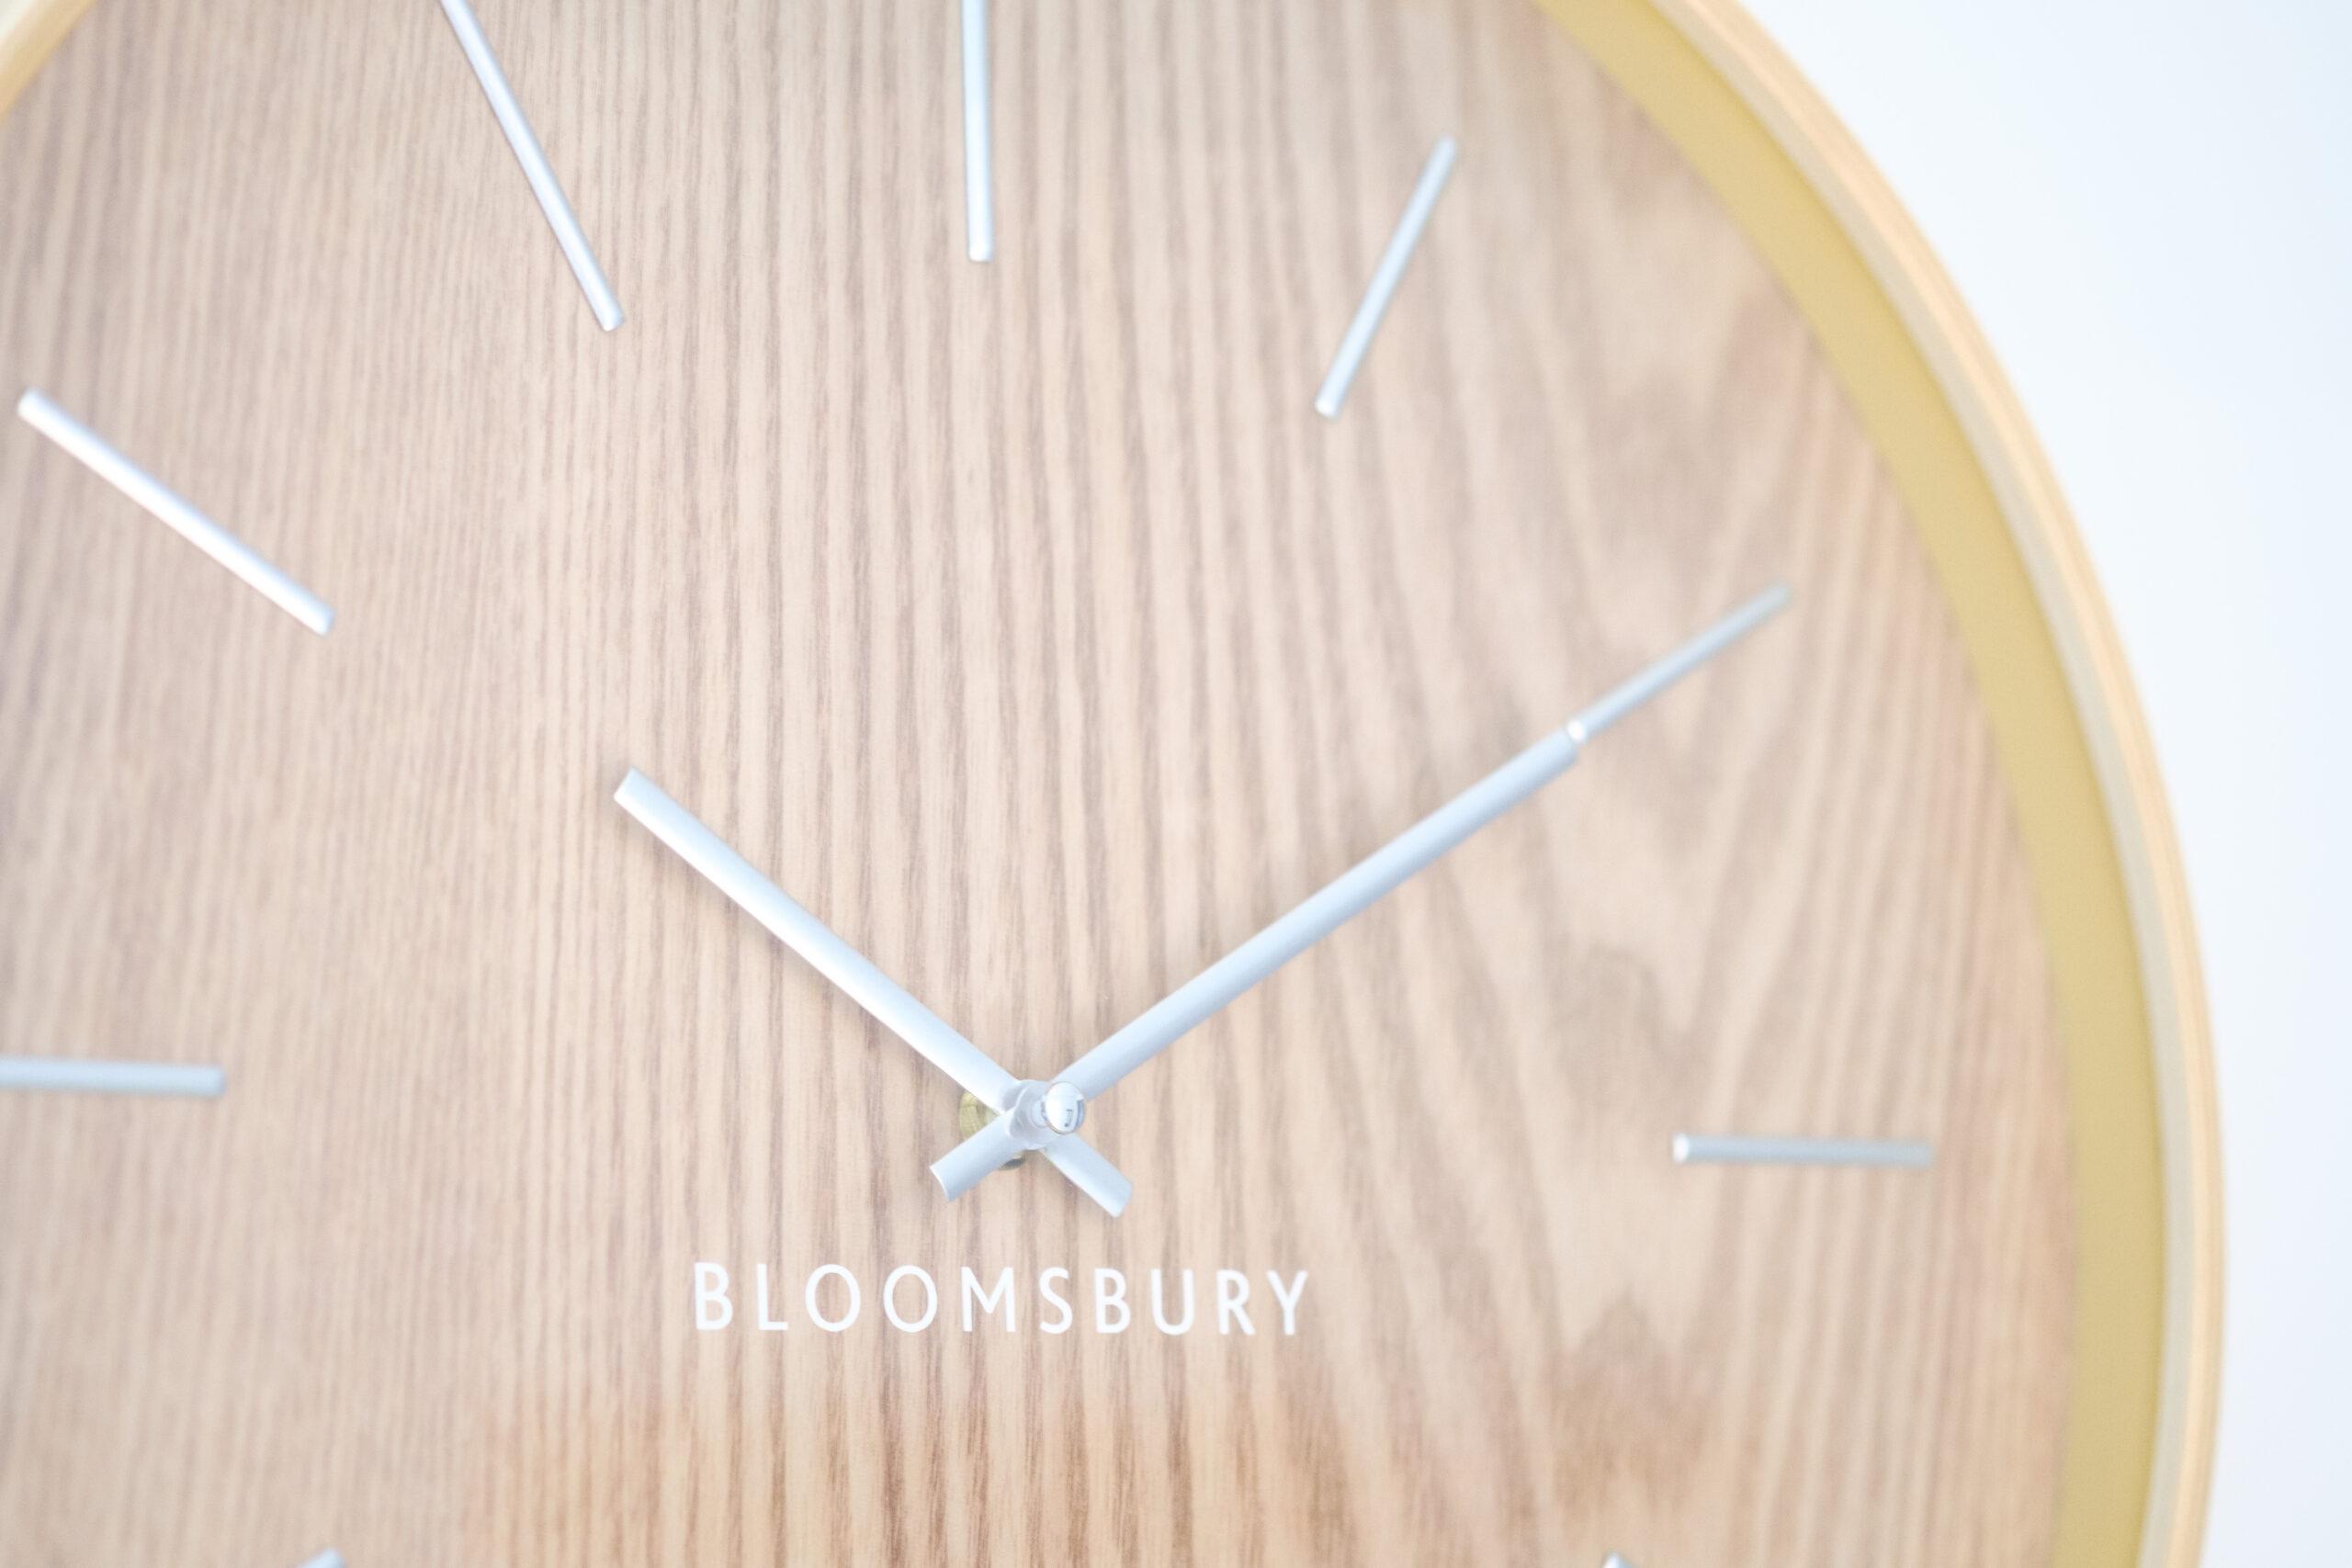 Poets Place Decorative Clock